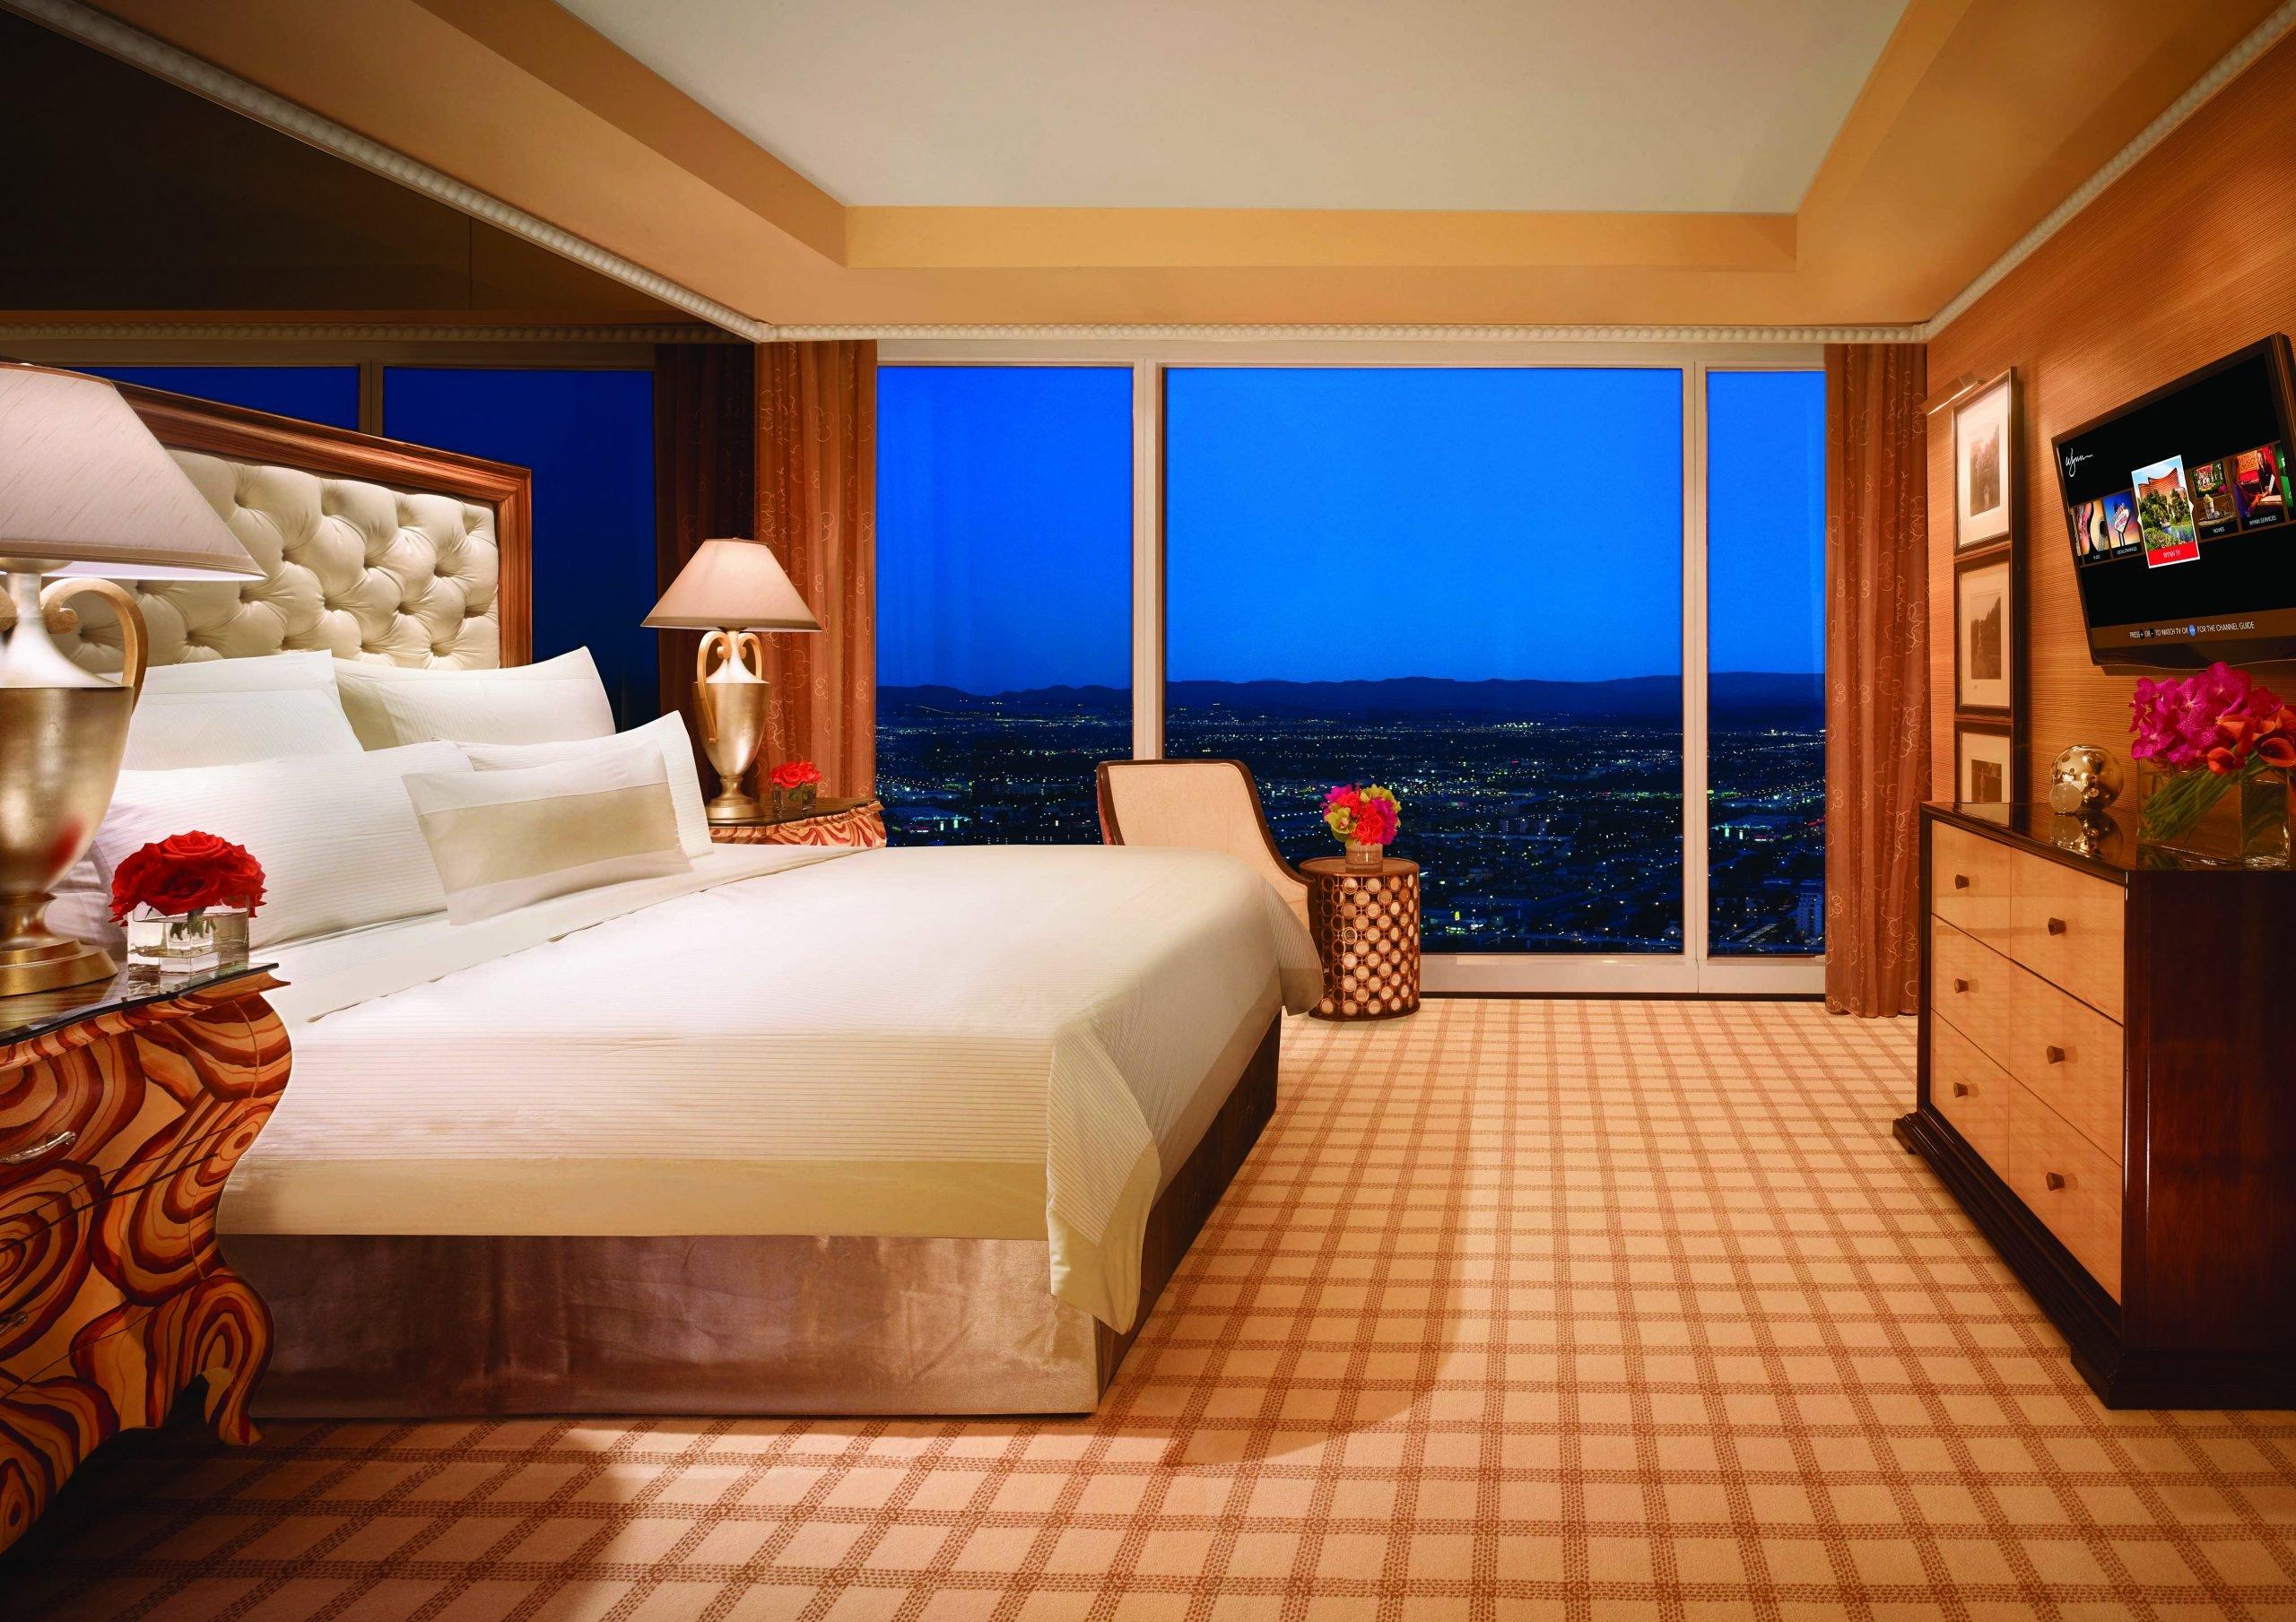 Wynn Resorts | 5 Star Luxury Hotel Rooms